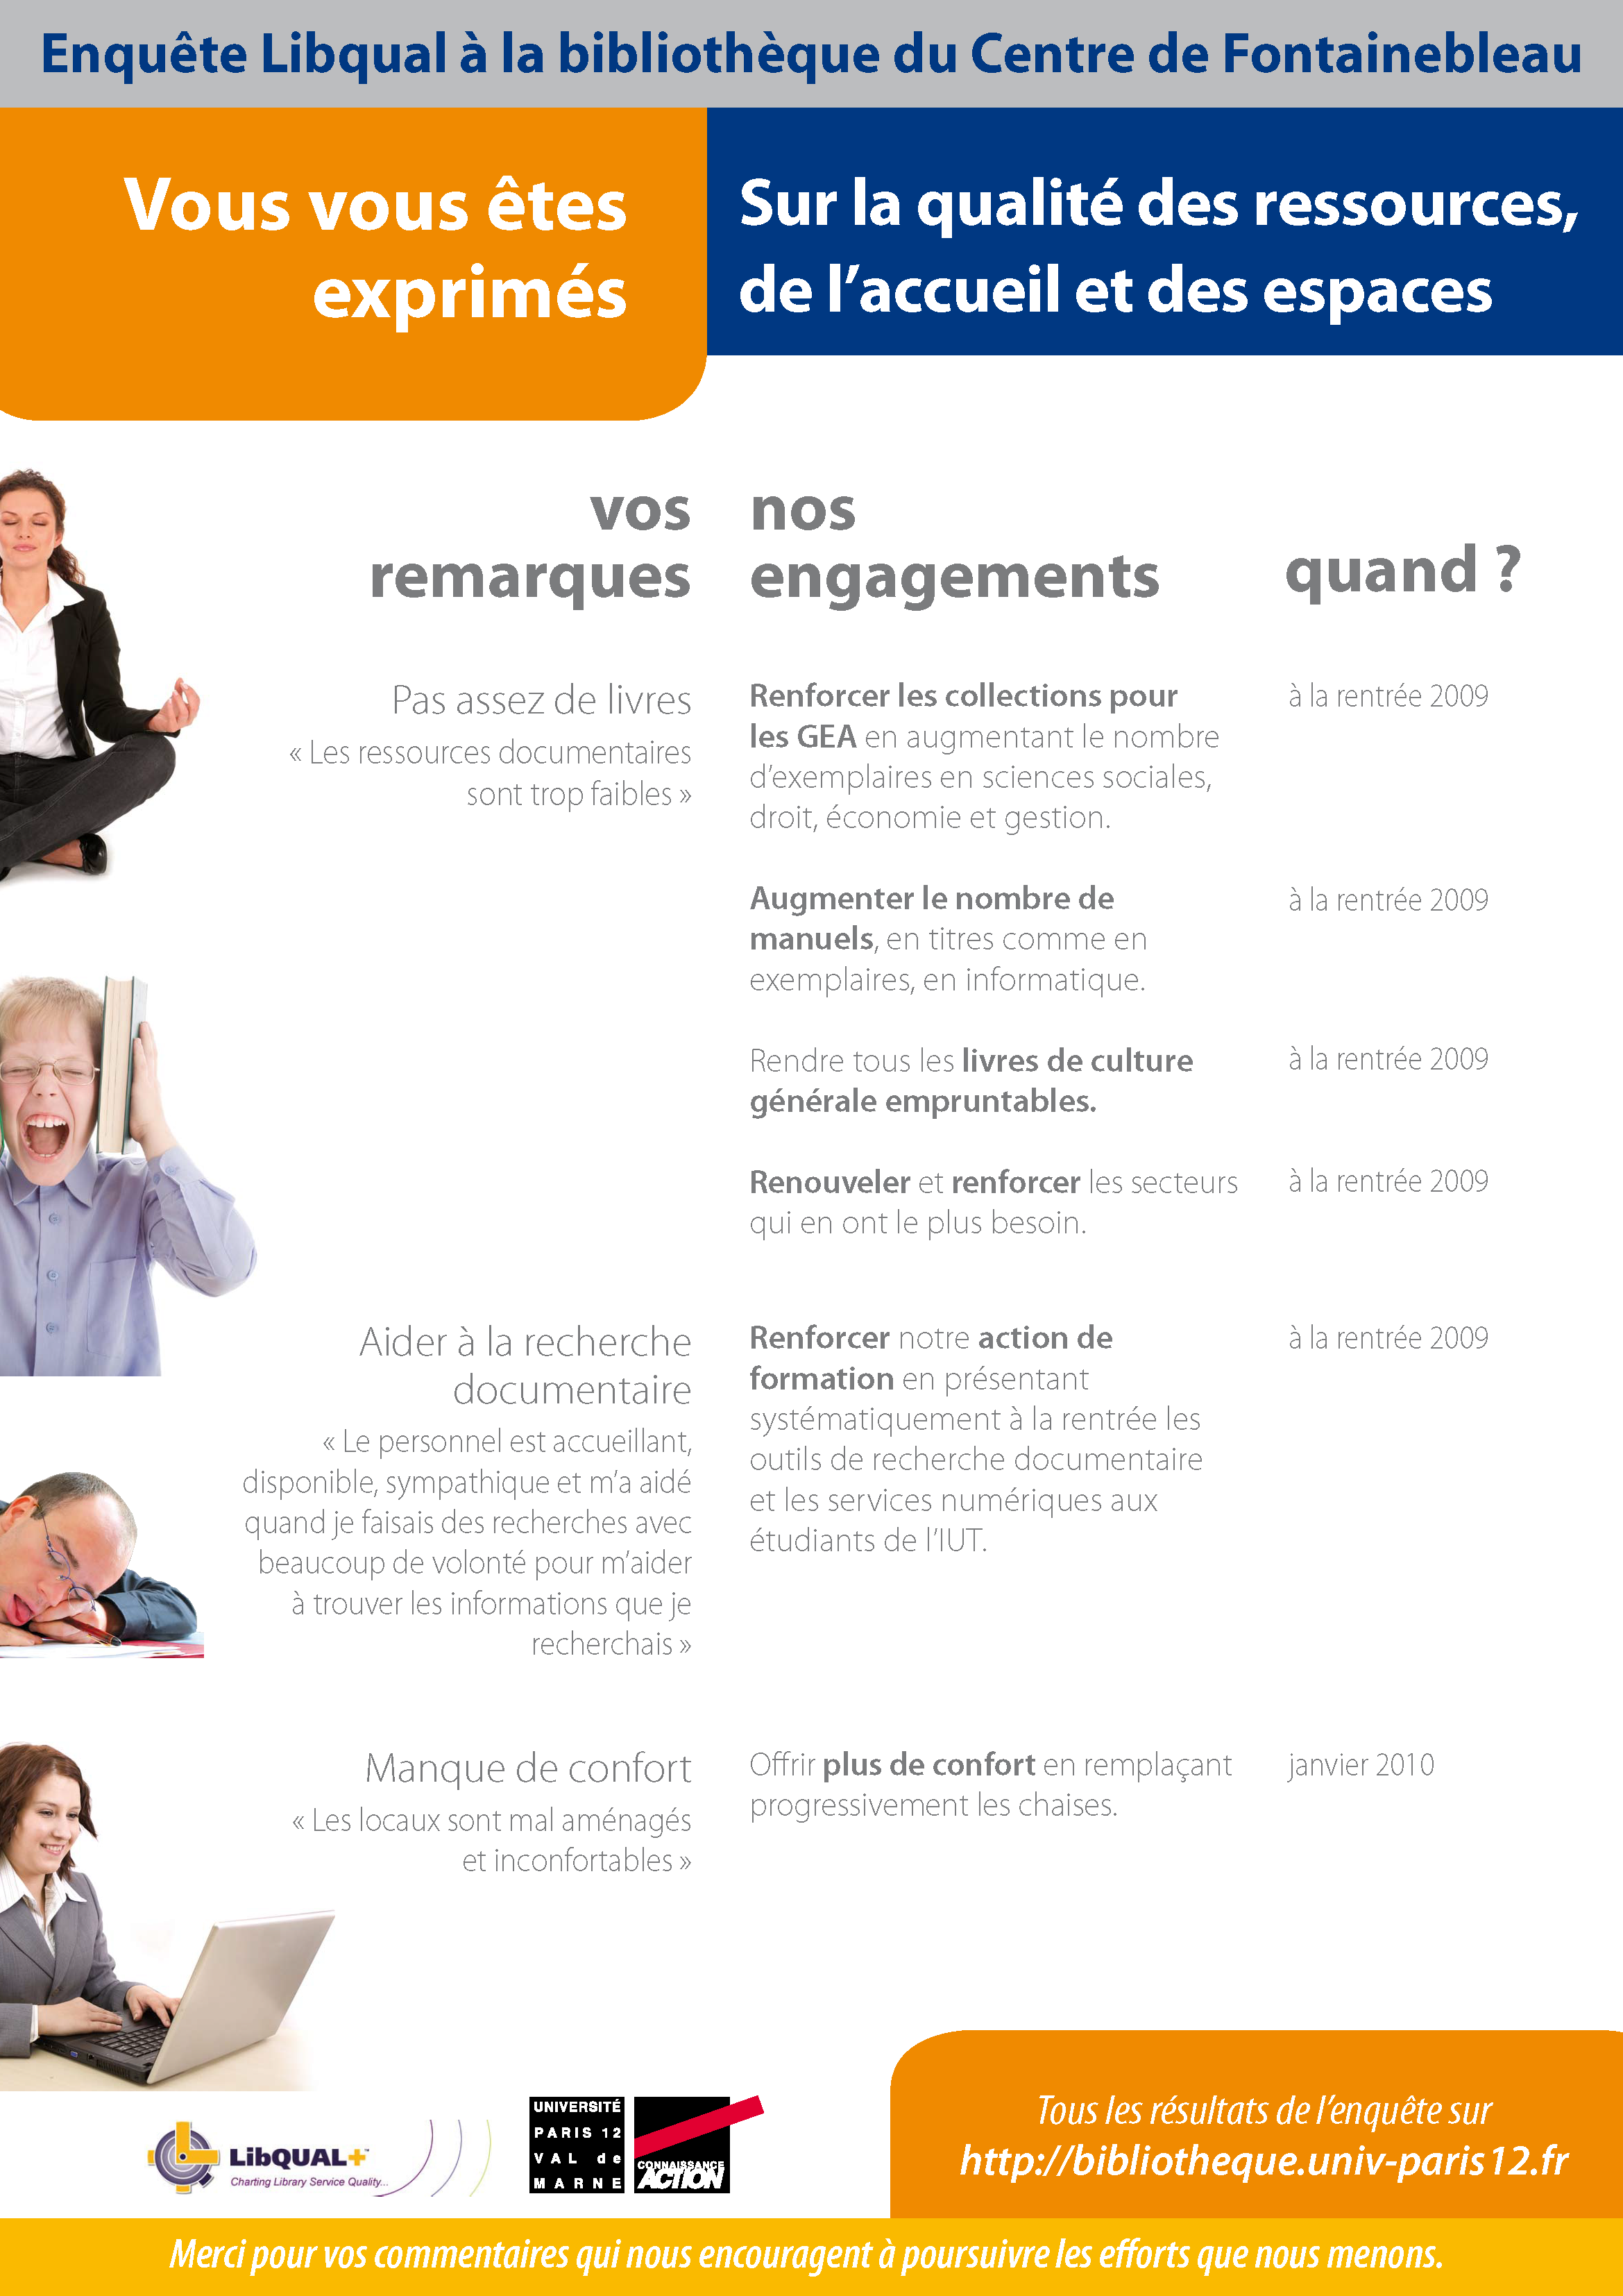 Enquête Libqual : engagements Fontainebleau